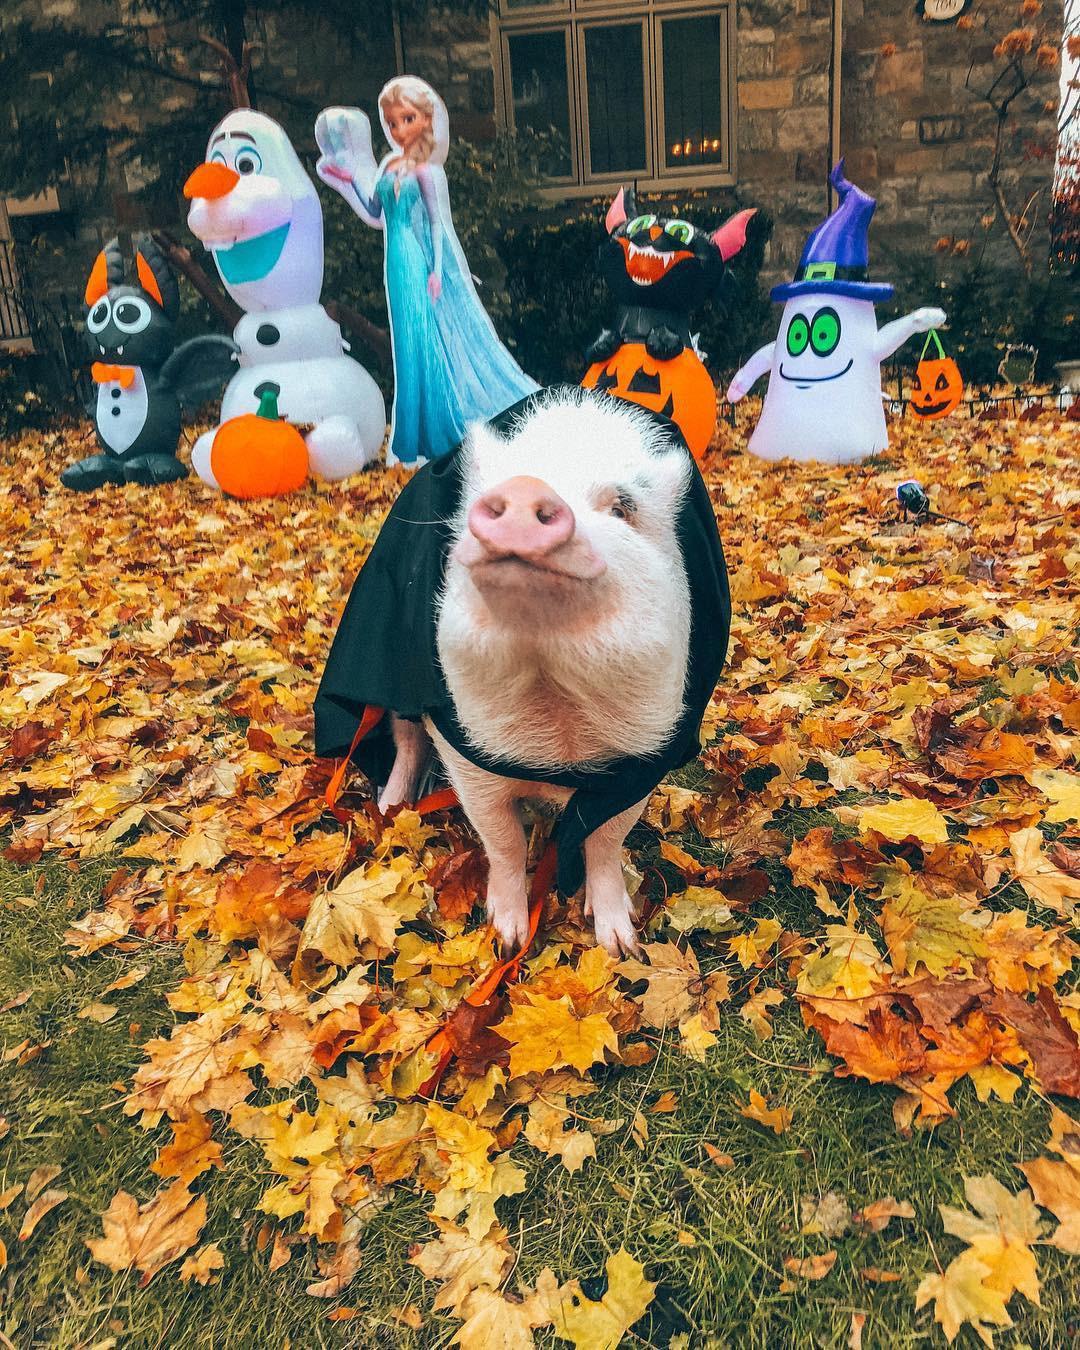 Cảm giác ghen tị là khi bạn phải đi làm vào thứ 2 còn chú lợn này lại được du lịch vòng quanh thế giới, đã vậy còn có hẳn 100k người theo dõi trên MXH - Ảnh 12.